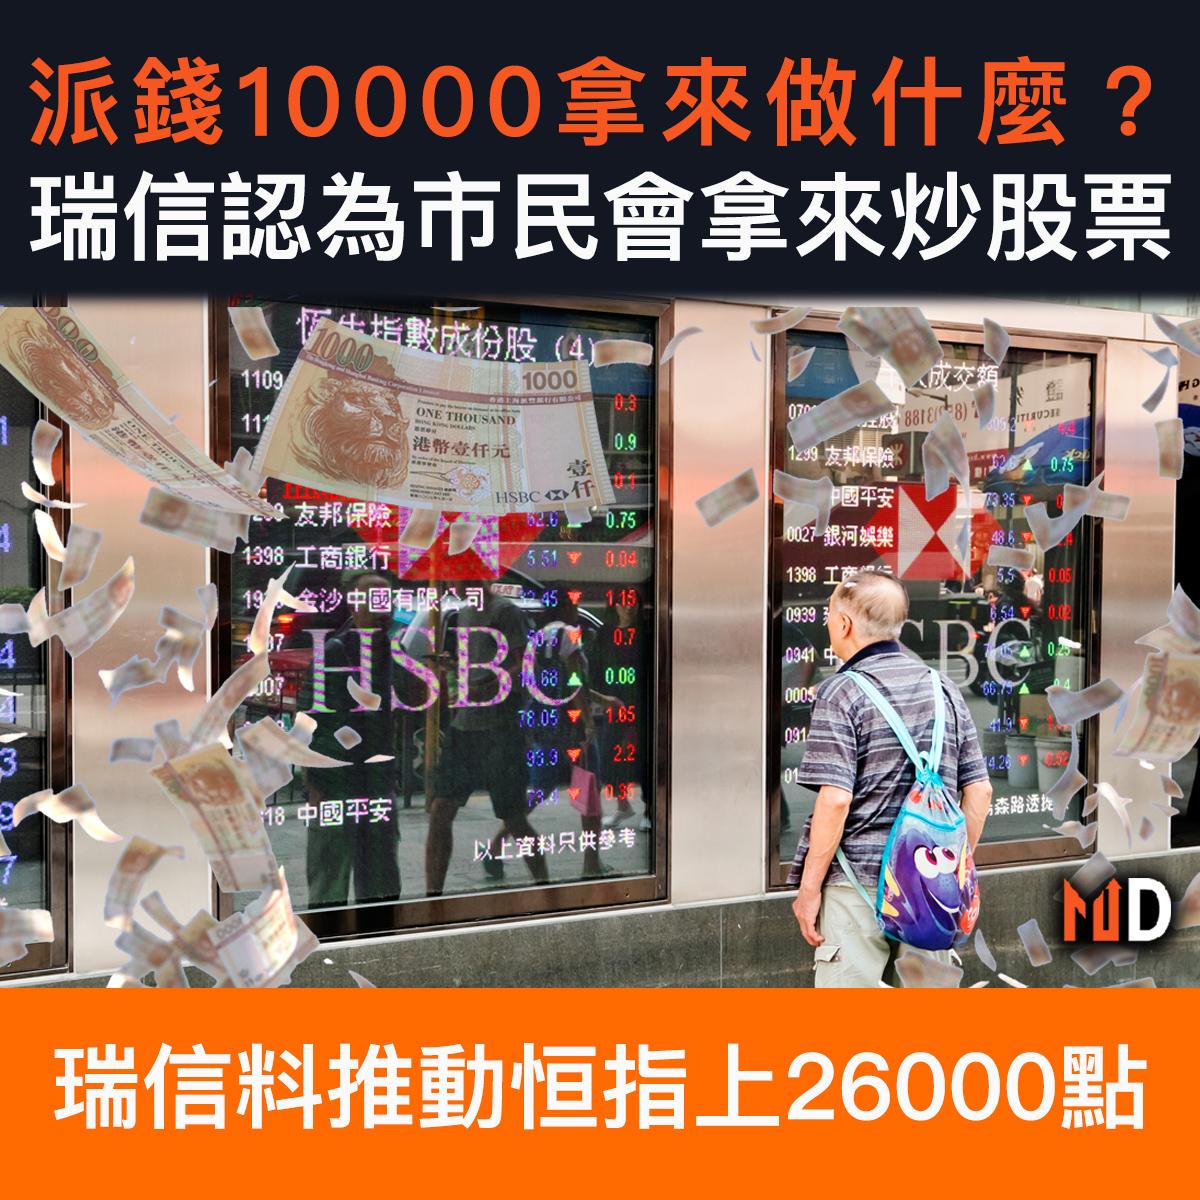 【市場熱話】派錢10000拿來做什麼?瑞信認為市民會拿來炒股票,推動恒指上26000點